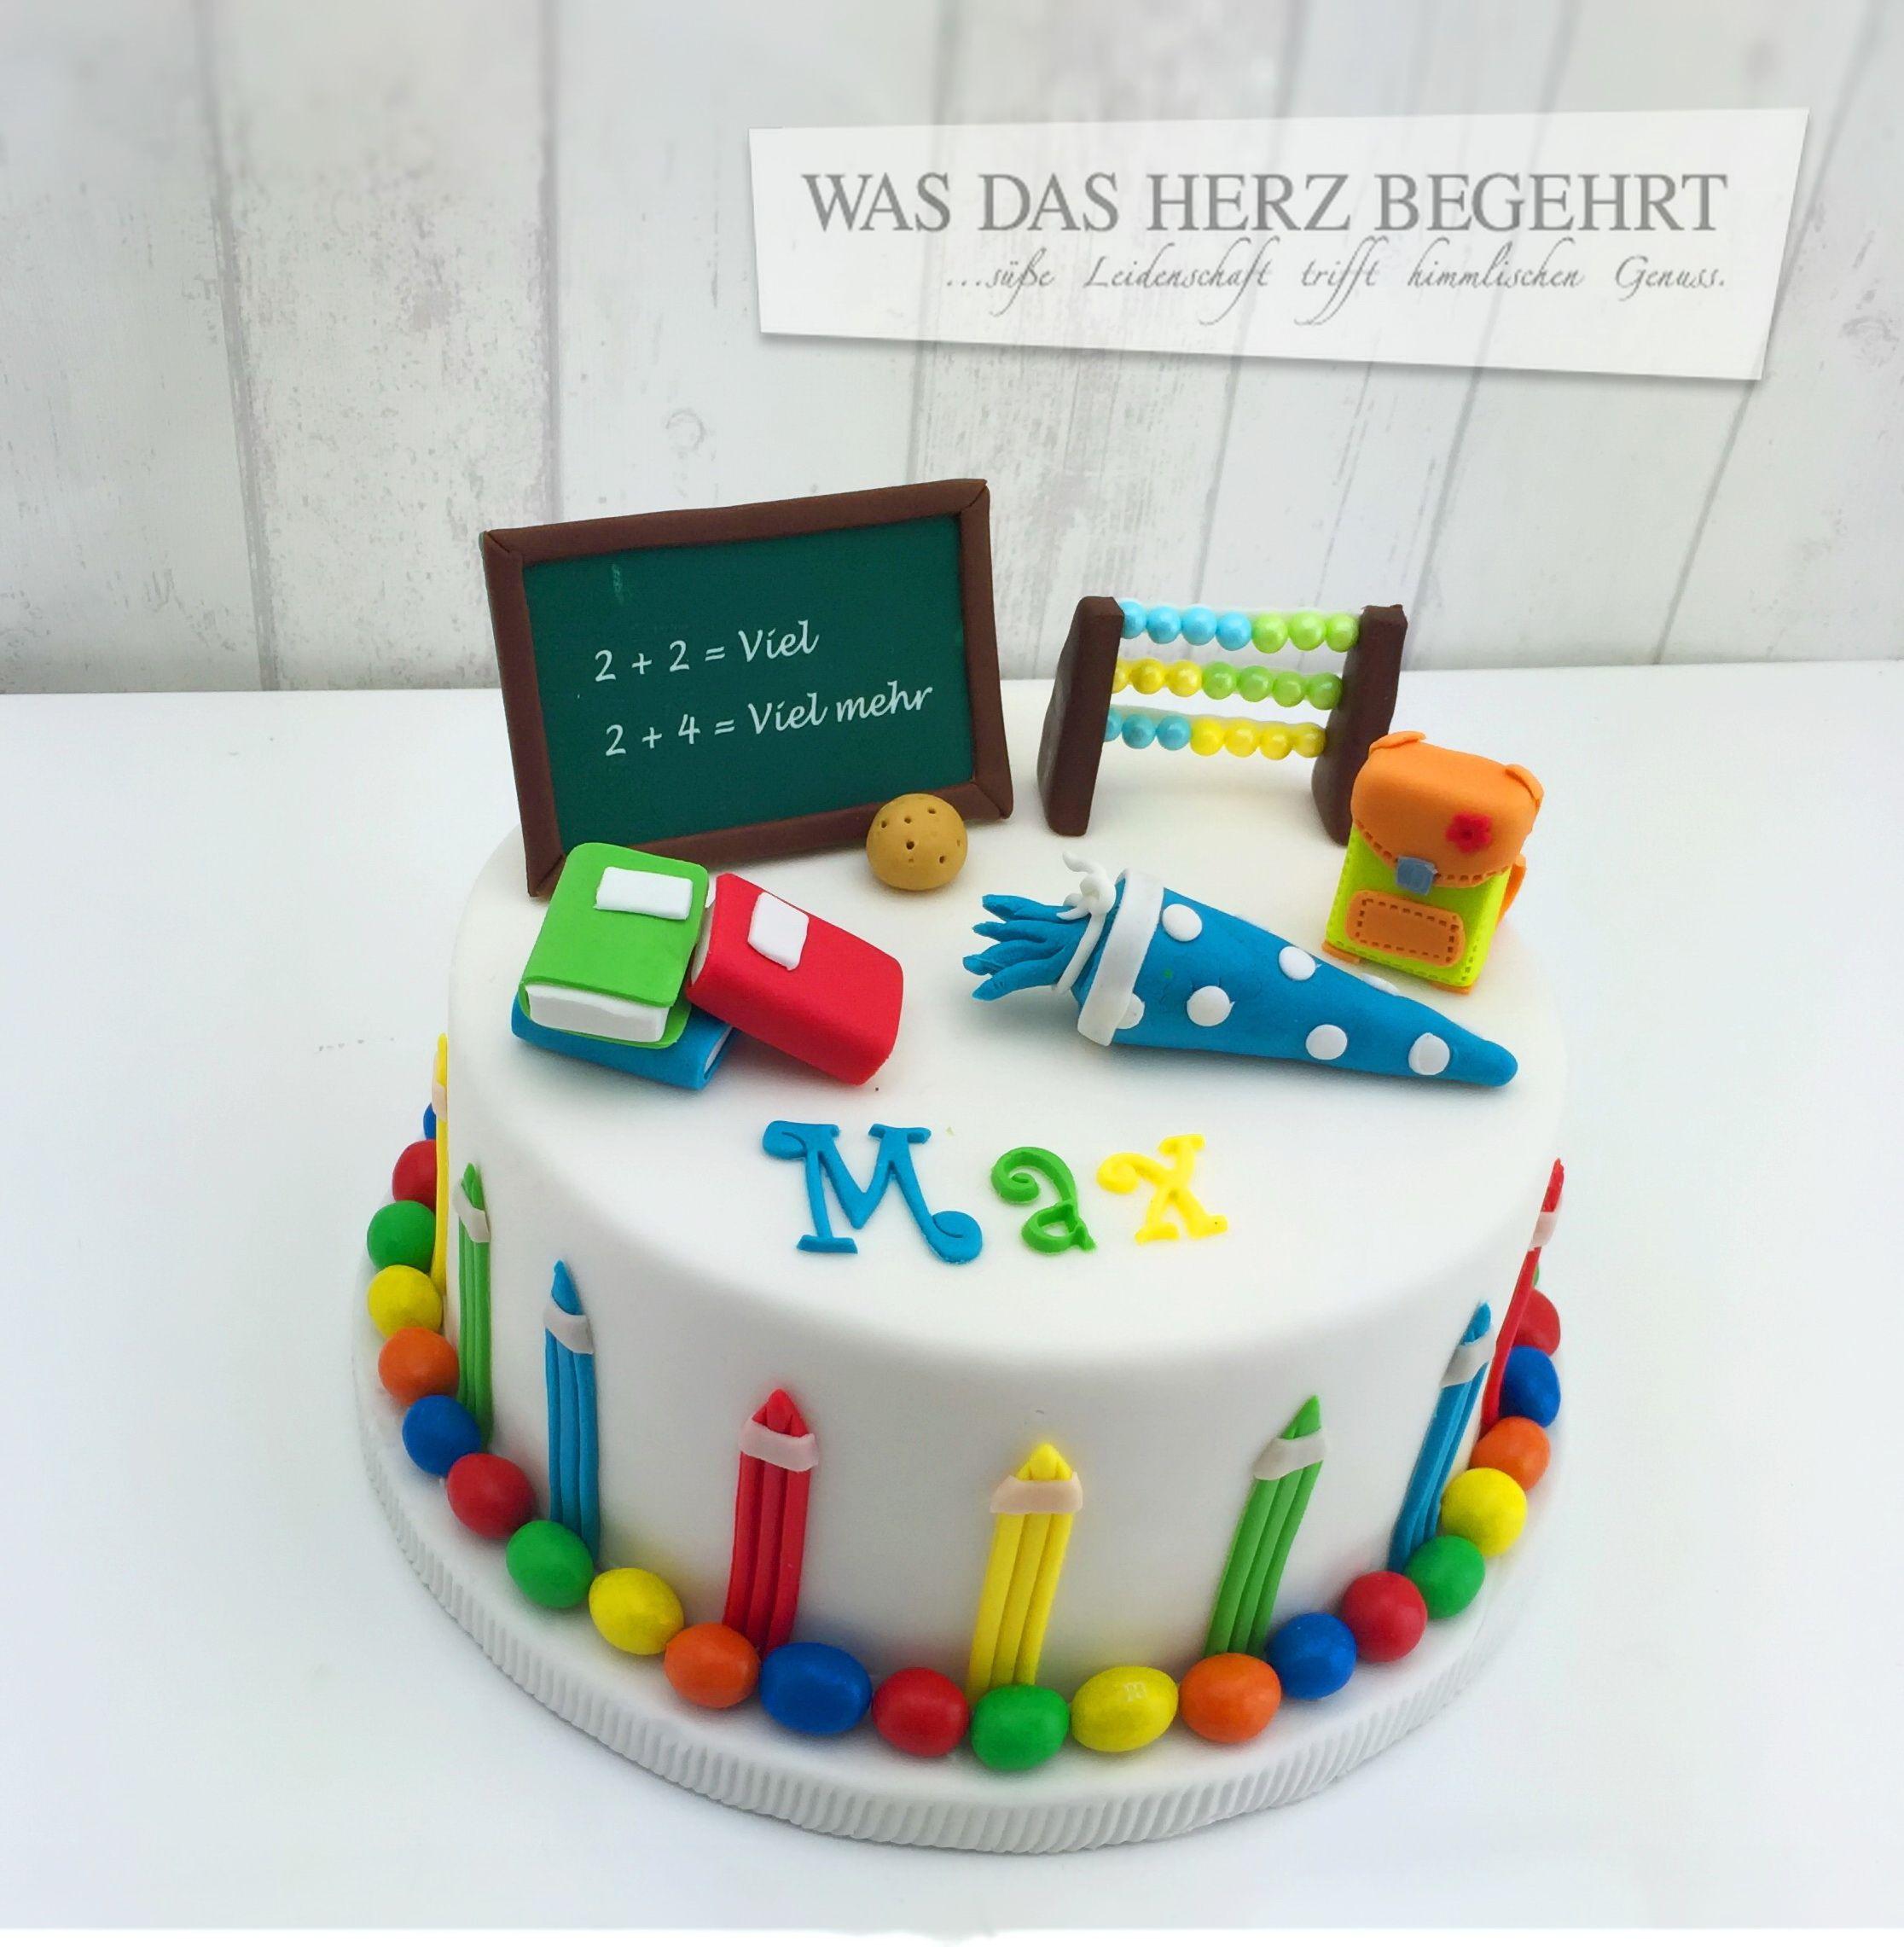 Schulanfang Torte Selber Machen Schulranzen Kuchen